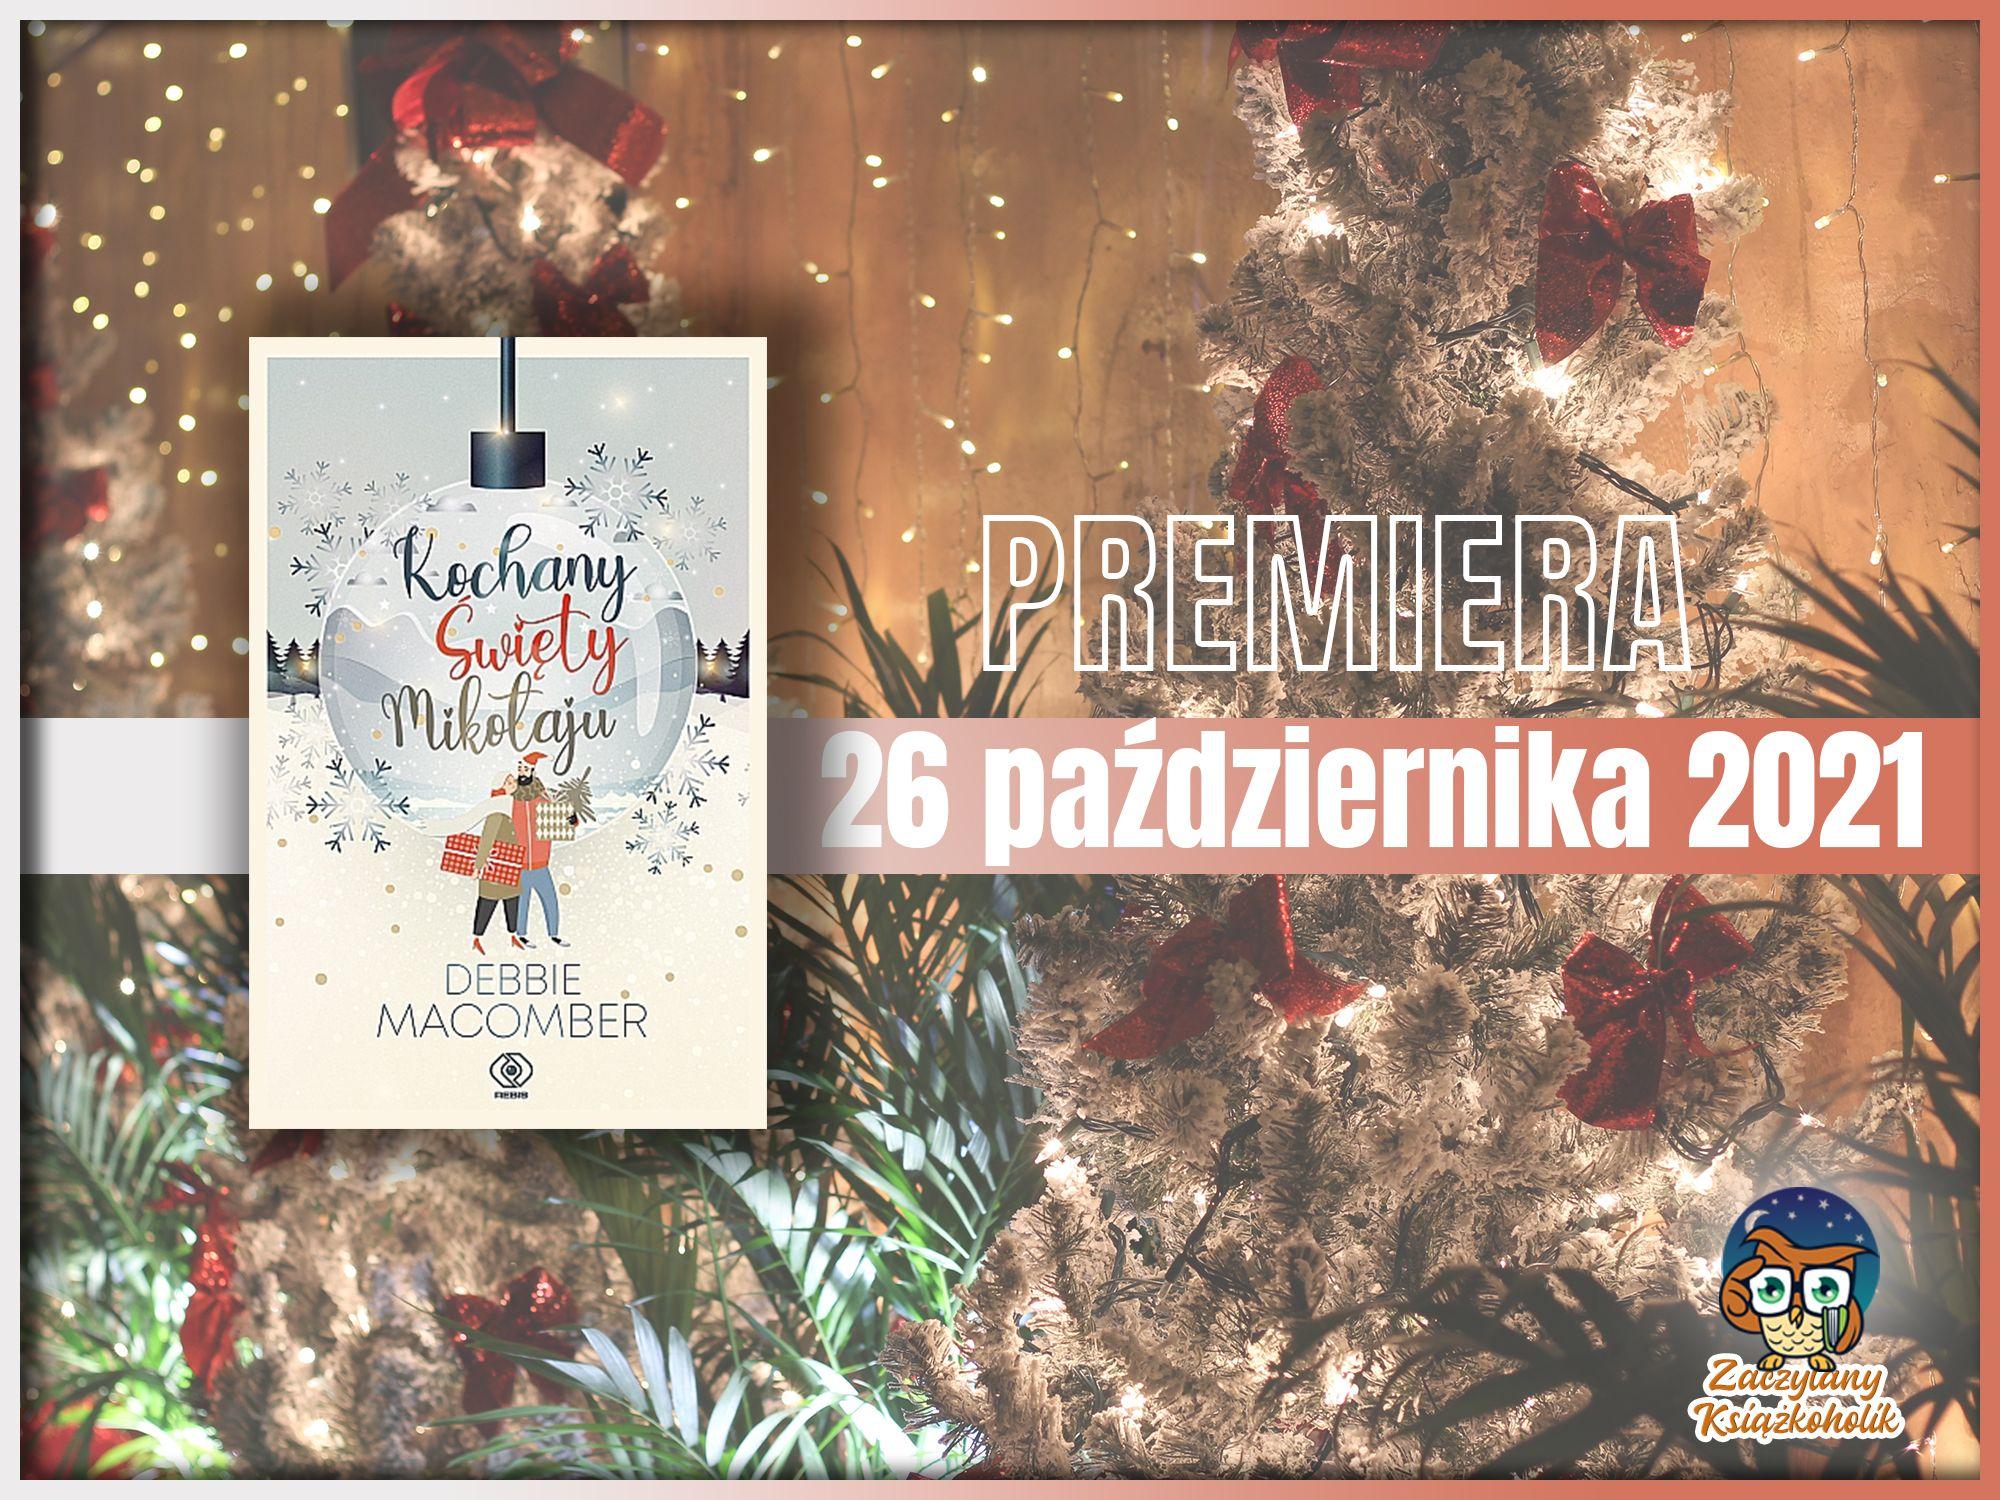 Kochany Święty Mikołaju, Debbie Macomber,z aczytanyksiazkoholik.pl